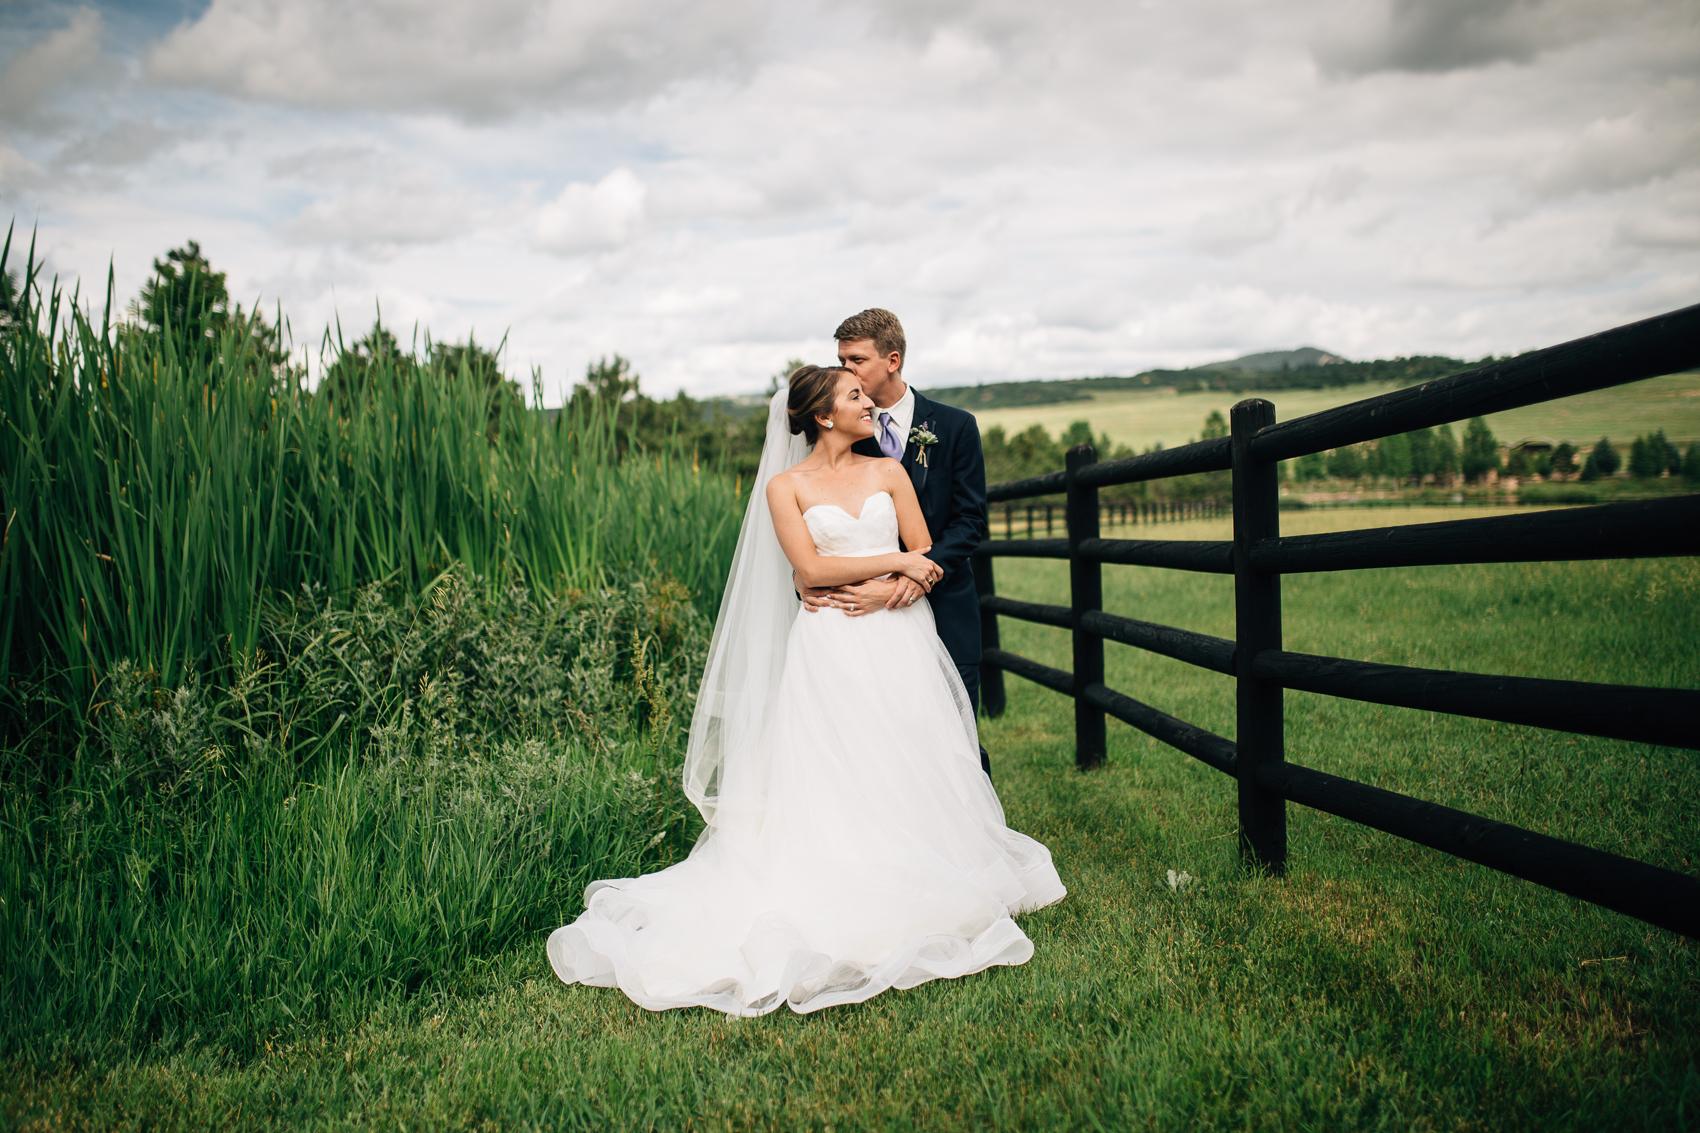 weddings-fth-3.jpg